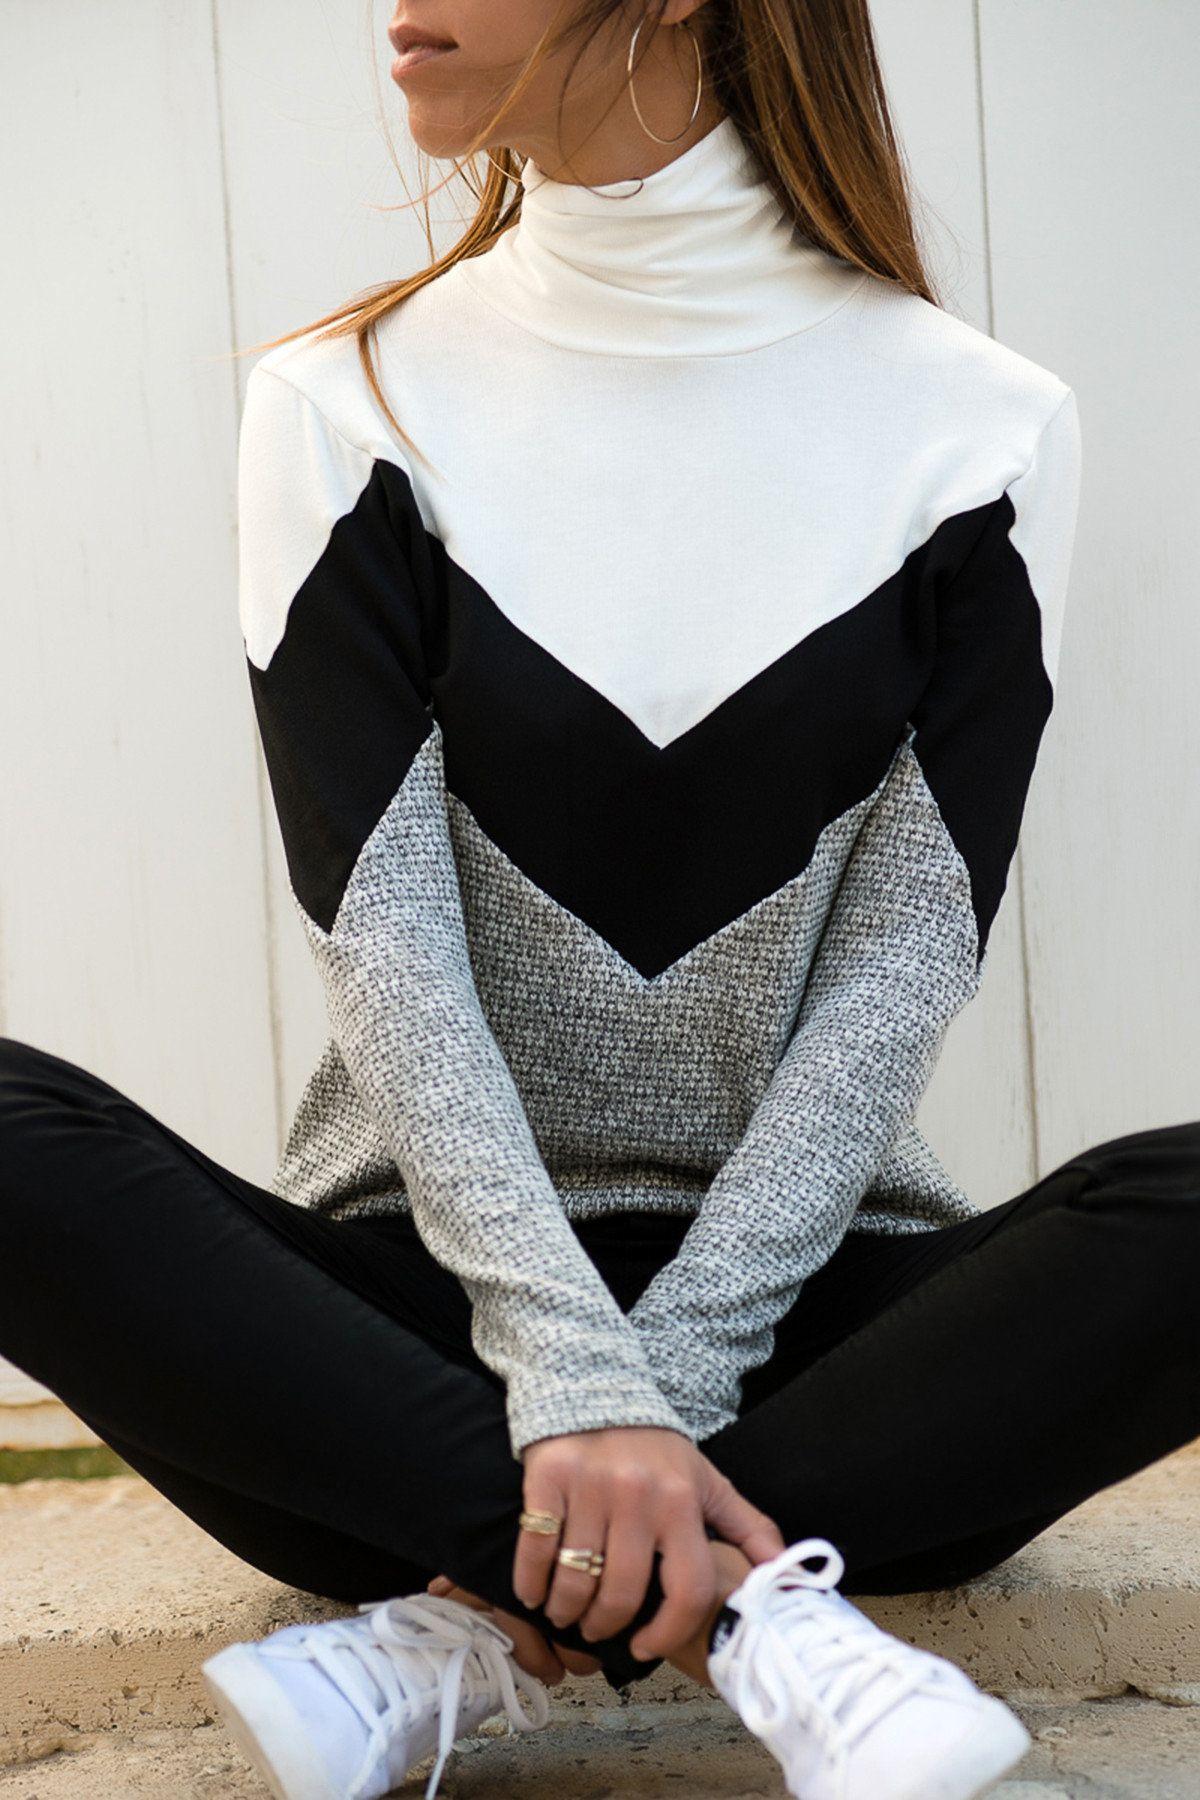 Kadin Siyah Beyaz Bloklu Bogazli Kazak Trend Alacati Stili Trendyol Trendler Bogazli Kazak Giyim